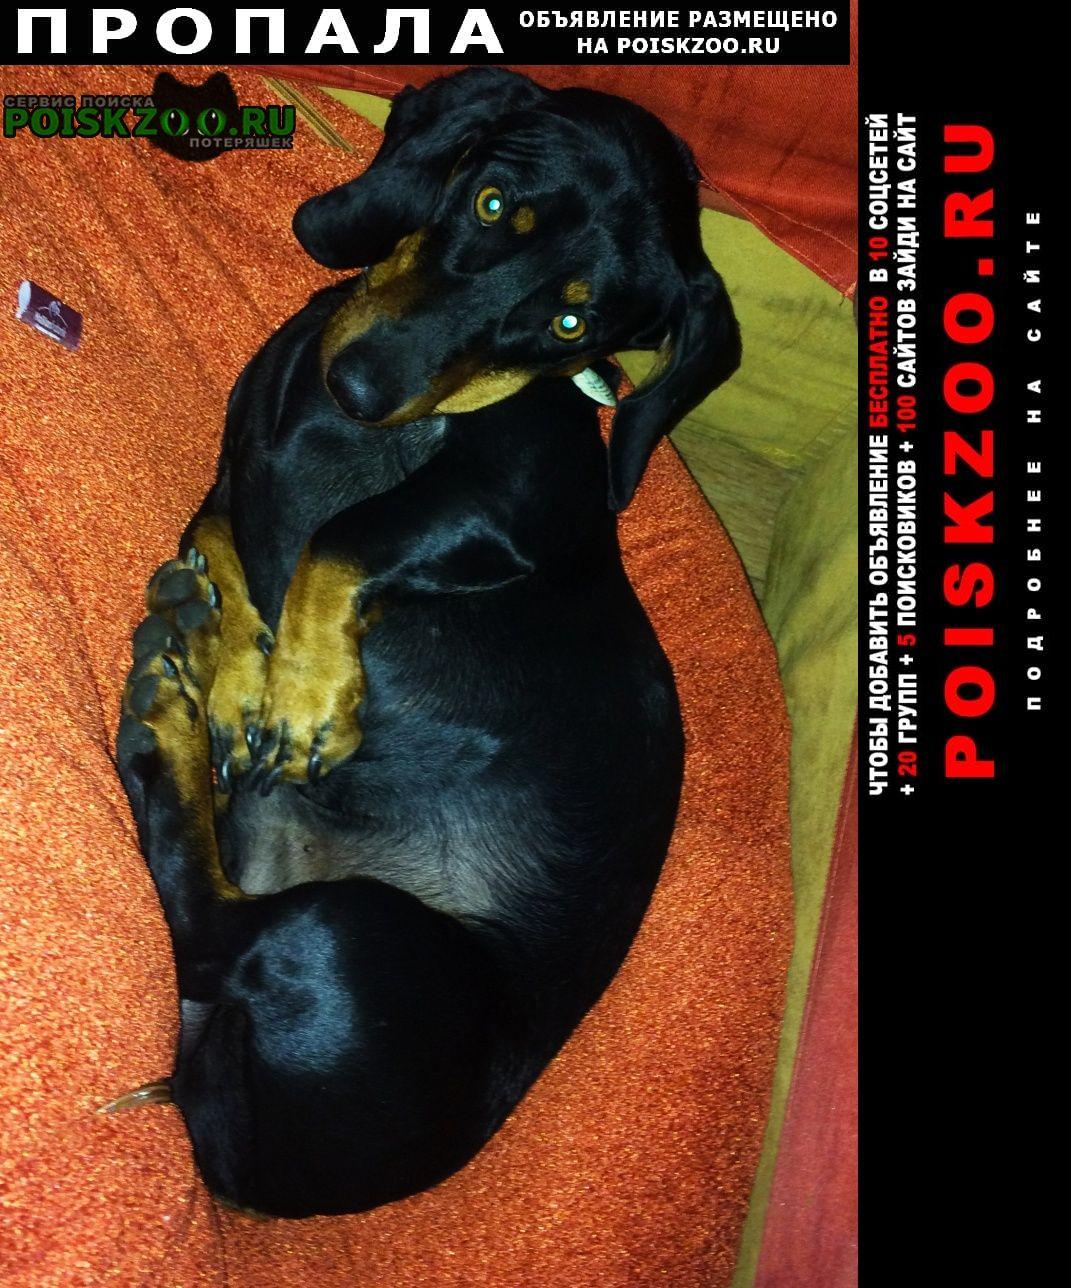 Пропала собака sos Хабаровск